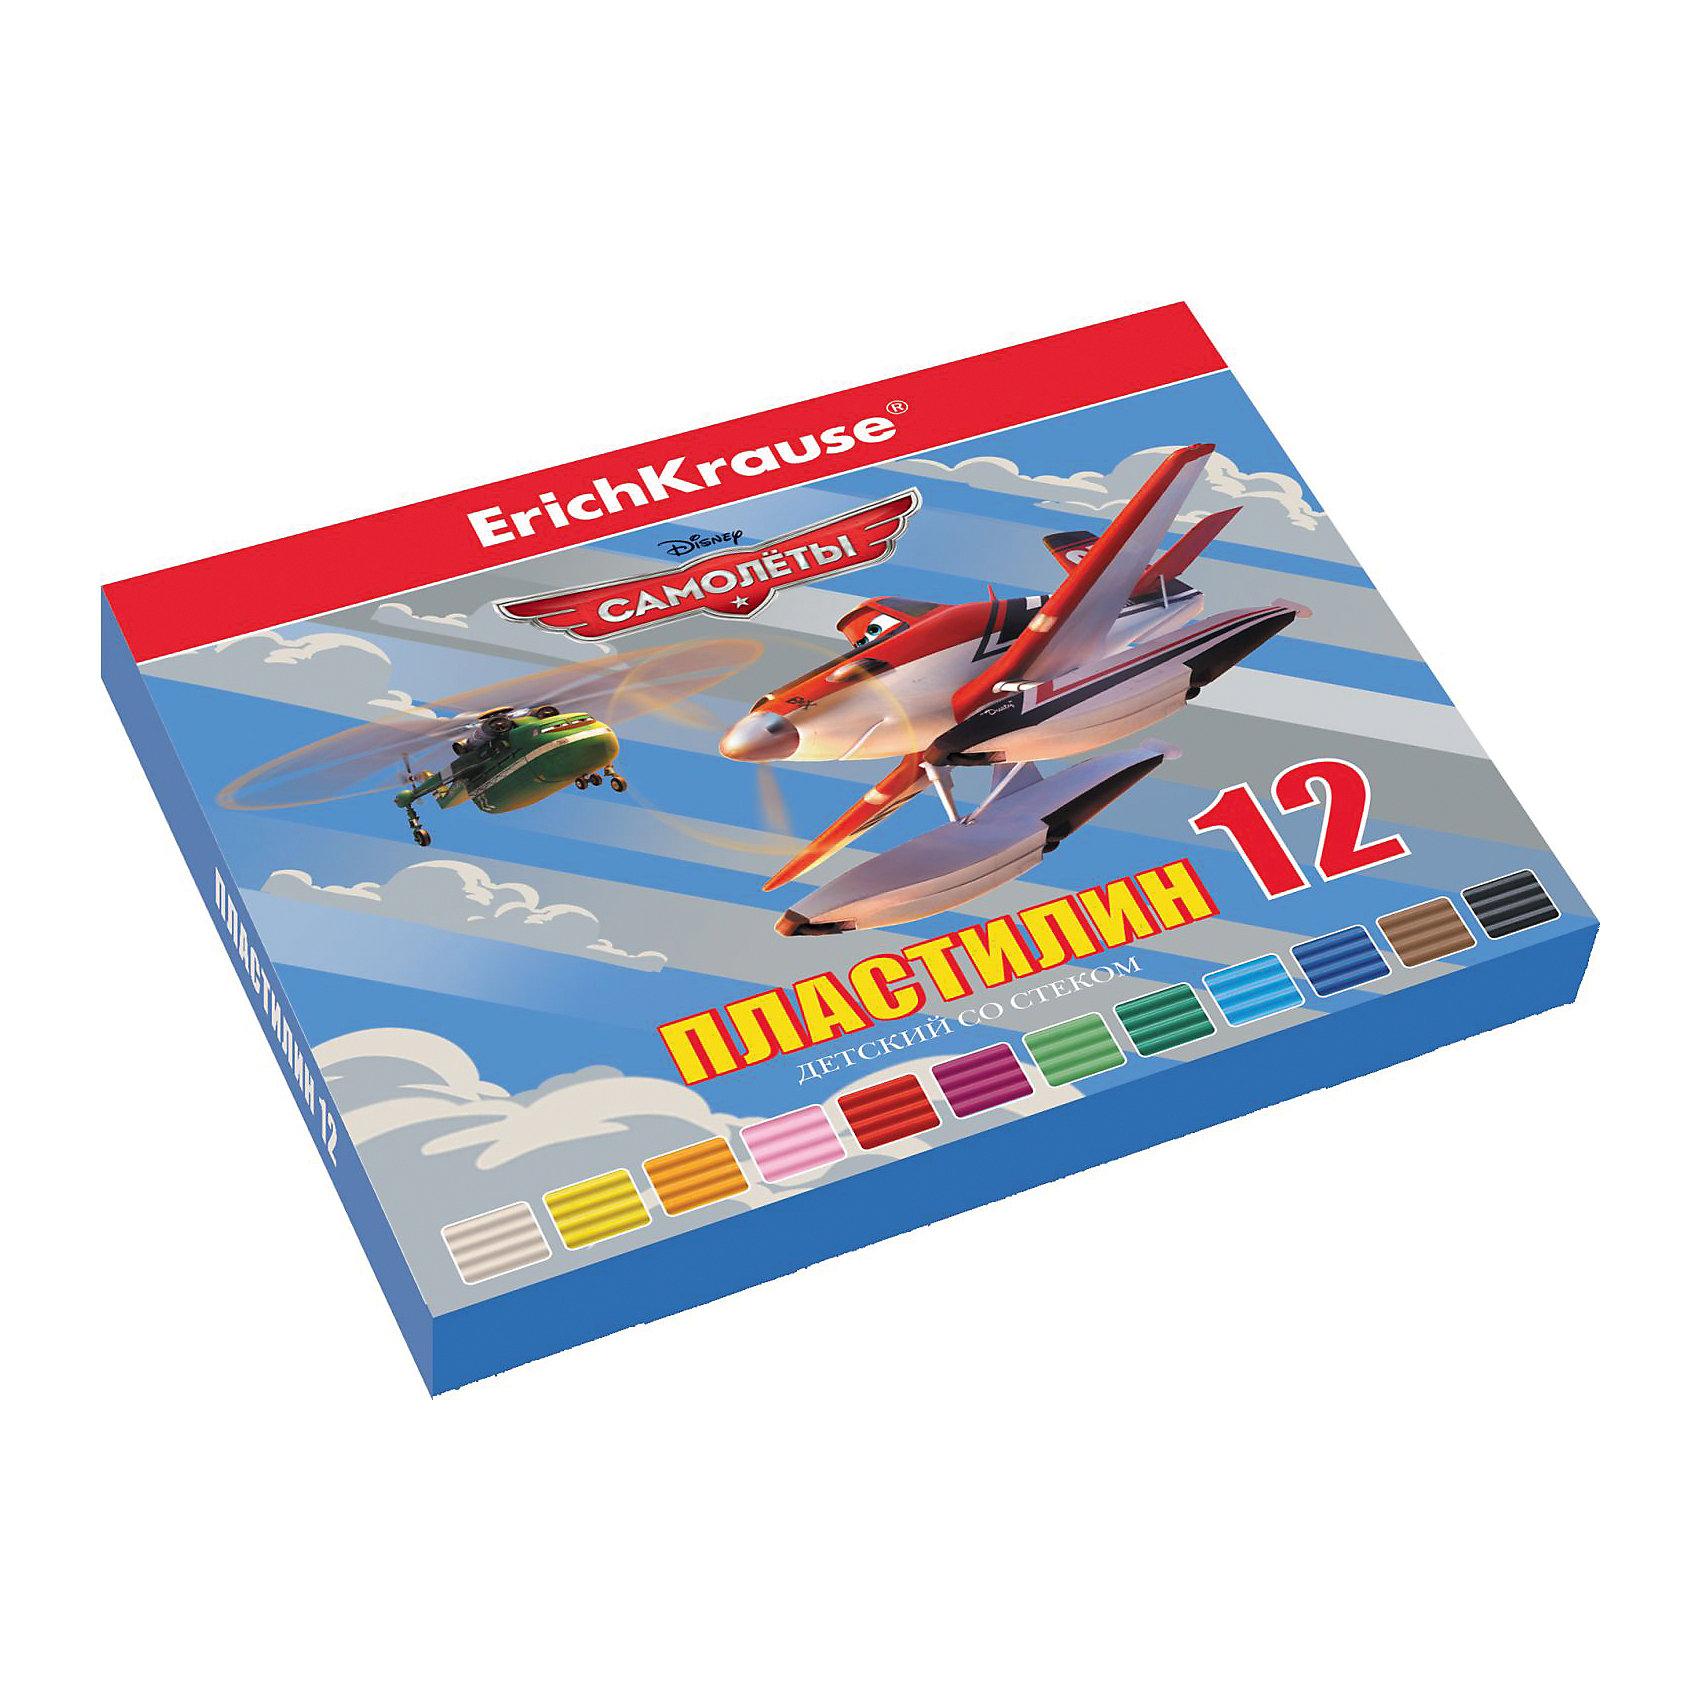 Пластилин 12 цветов Flying Planes, 216г, со стекомЛепка<br>Характеристики товара:<br><br>• материал упаковки: картон<br>• в комплект входит: пластилин, стек<br>• количество цветов: 12<br>• возраст: от 3 лет<br>• габариты упаковки: 15,3х14,3х1,6 см<br>• вес: 250 г<br>• страна производитель: Россия<br><br>Классическая форма пластилина, проверенная временем. Пластилин данной модели быстро разогревается, легко лепится и долго держит свою форму. Большое количество цветов позволит создавать настоящие шедевры в сфере скульптуры!<br><br>Пластилин 12 цветов Flying Planes, 216г, со стеком можно купить в нашем интернет-магазине.<br><br>Ширина мм: 153<br>Глубина мм: 143<br>Высота мм: 16<br>Вес г: 250<br>Возраст от месяцев: 36<br>Возраст до месяцев: 2147483647<br>Пол: Мужской<br>Возраст: Детский<br>SKU: 5409308